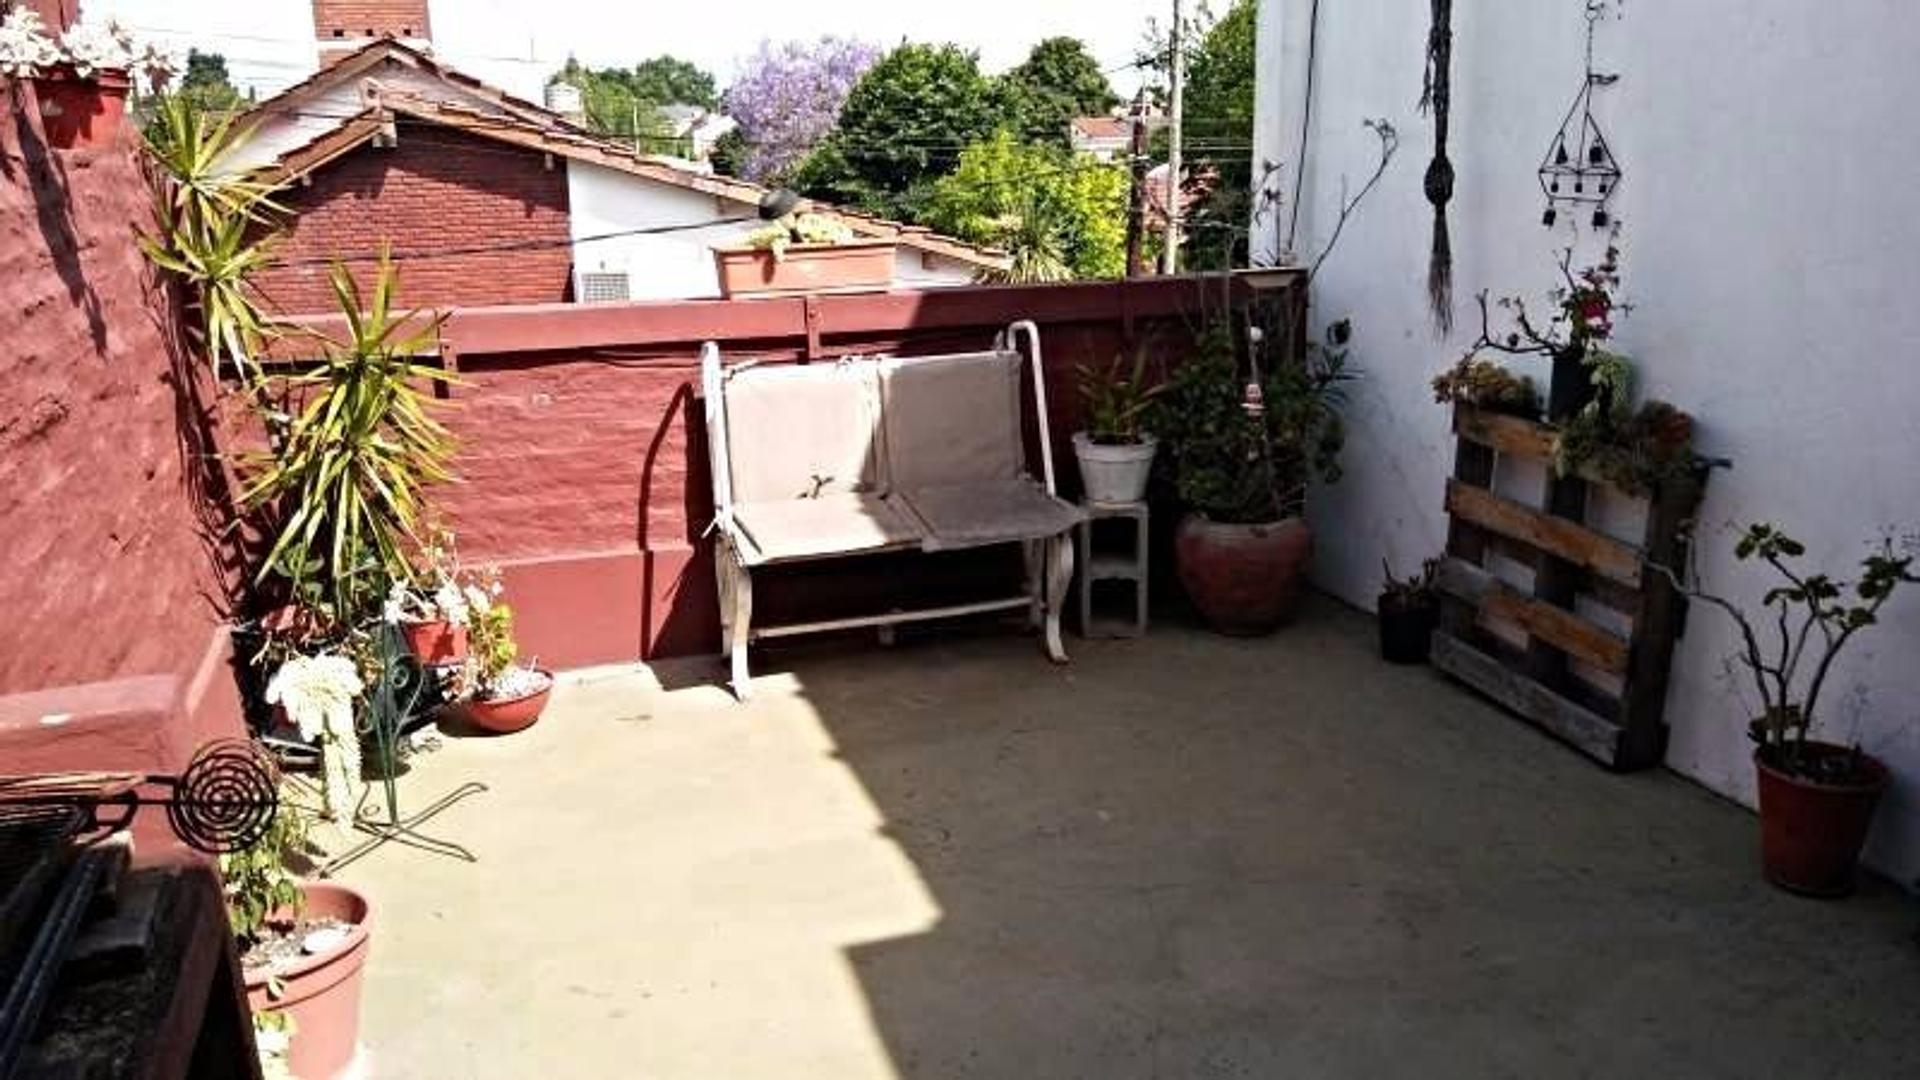 Impecable PH de 3 ambientes con terraza propia